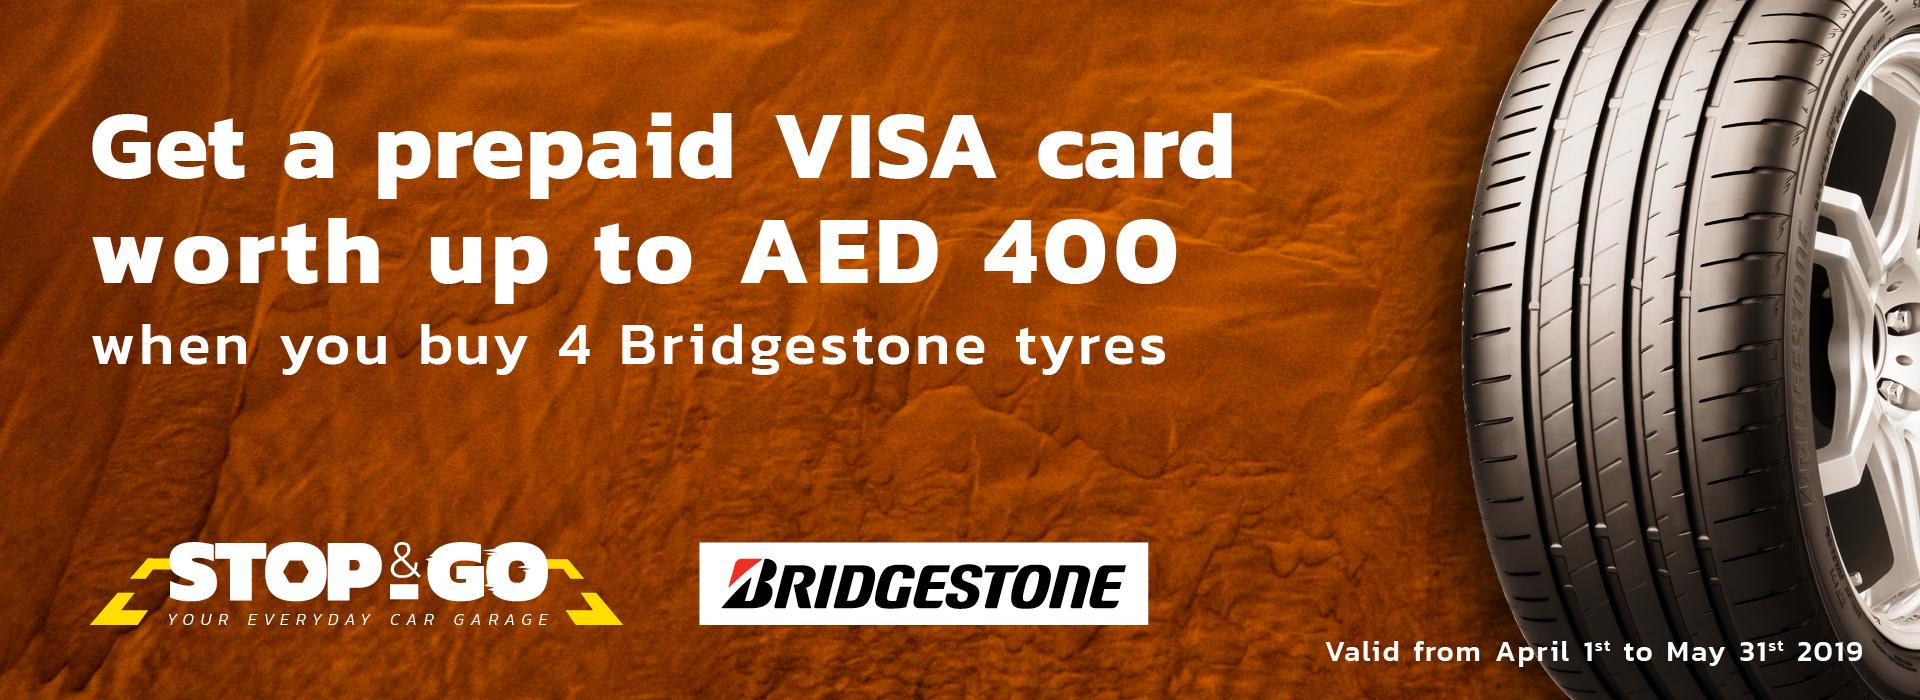 Buy Bridgestone Tyres and Get Prepaid Visa Card